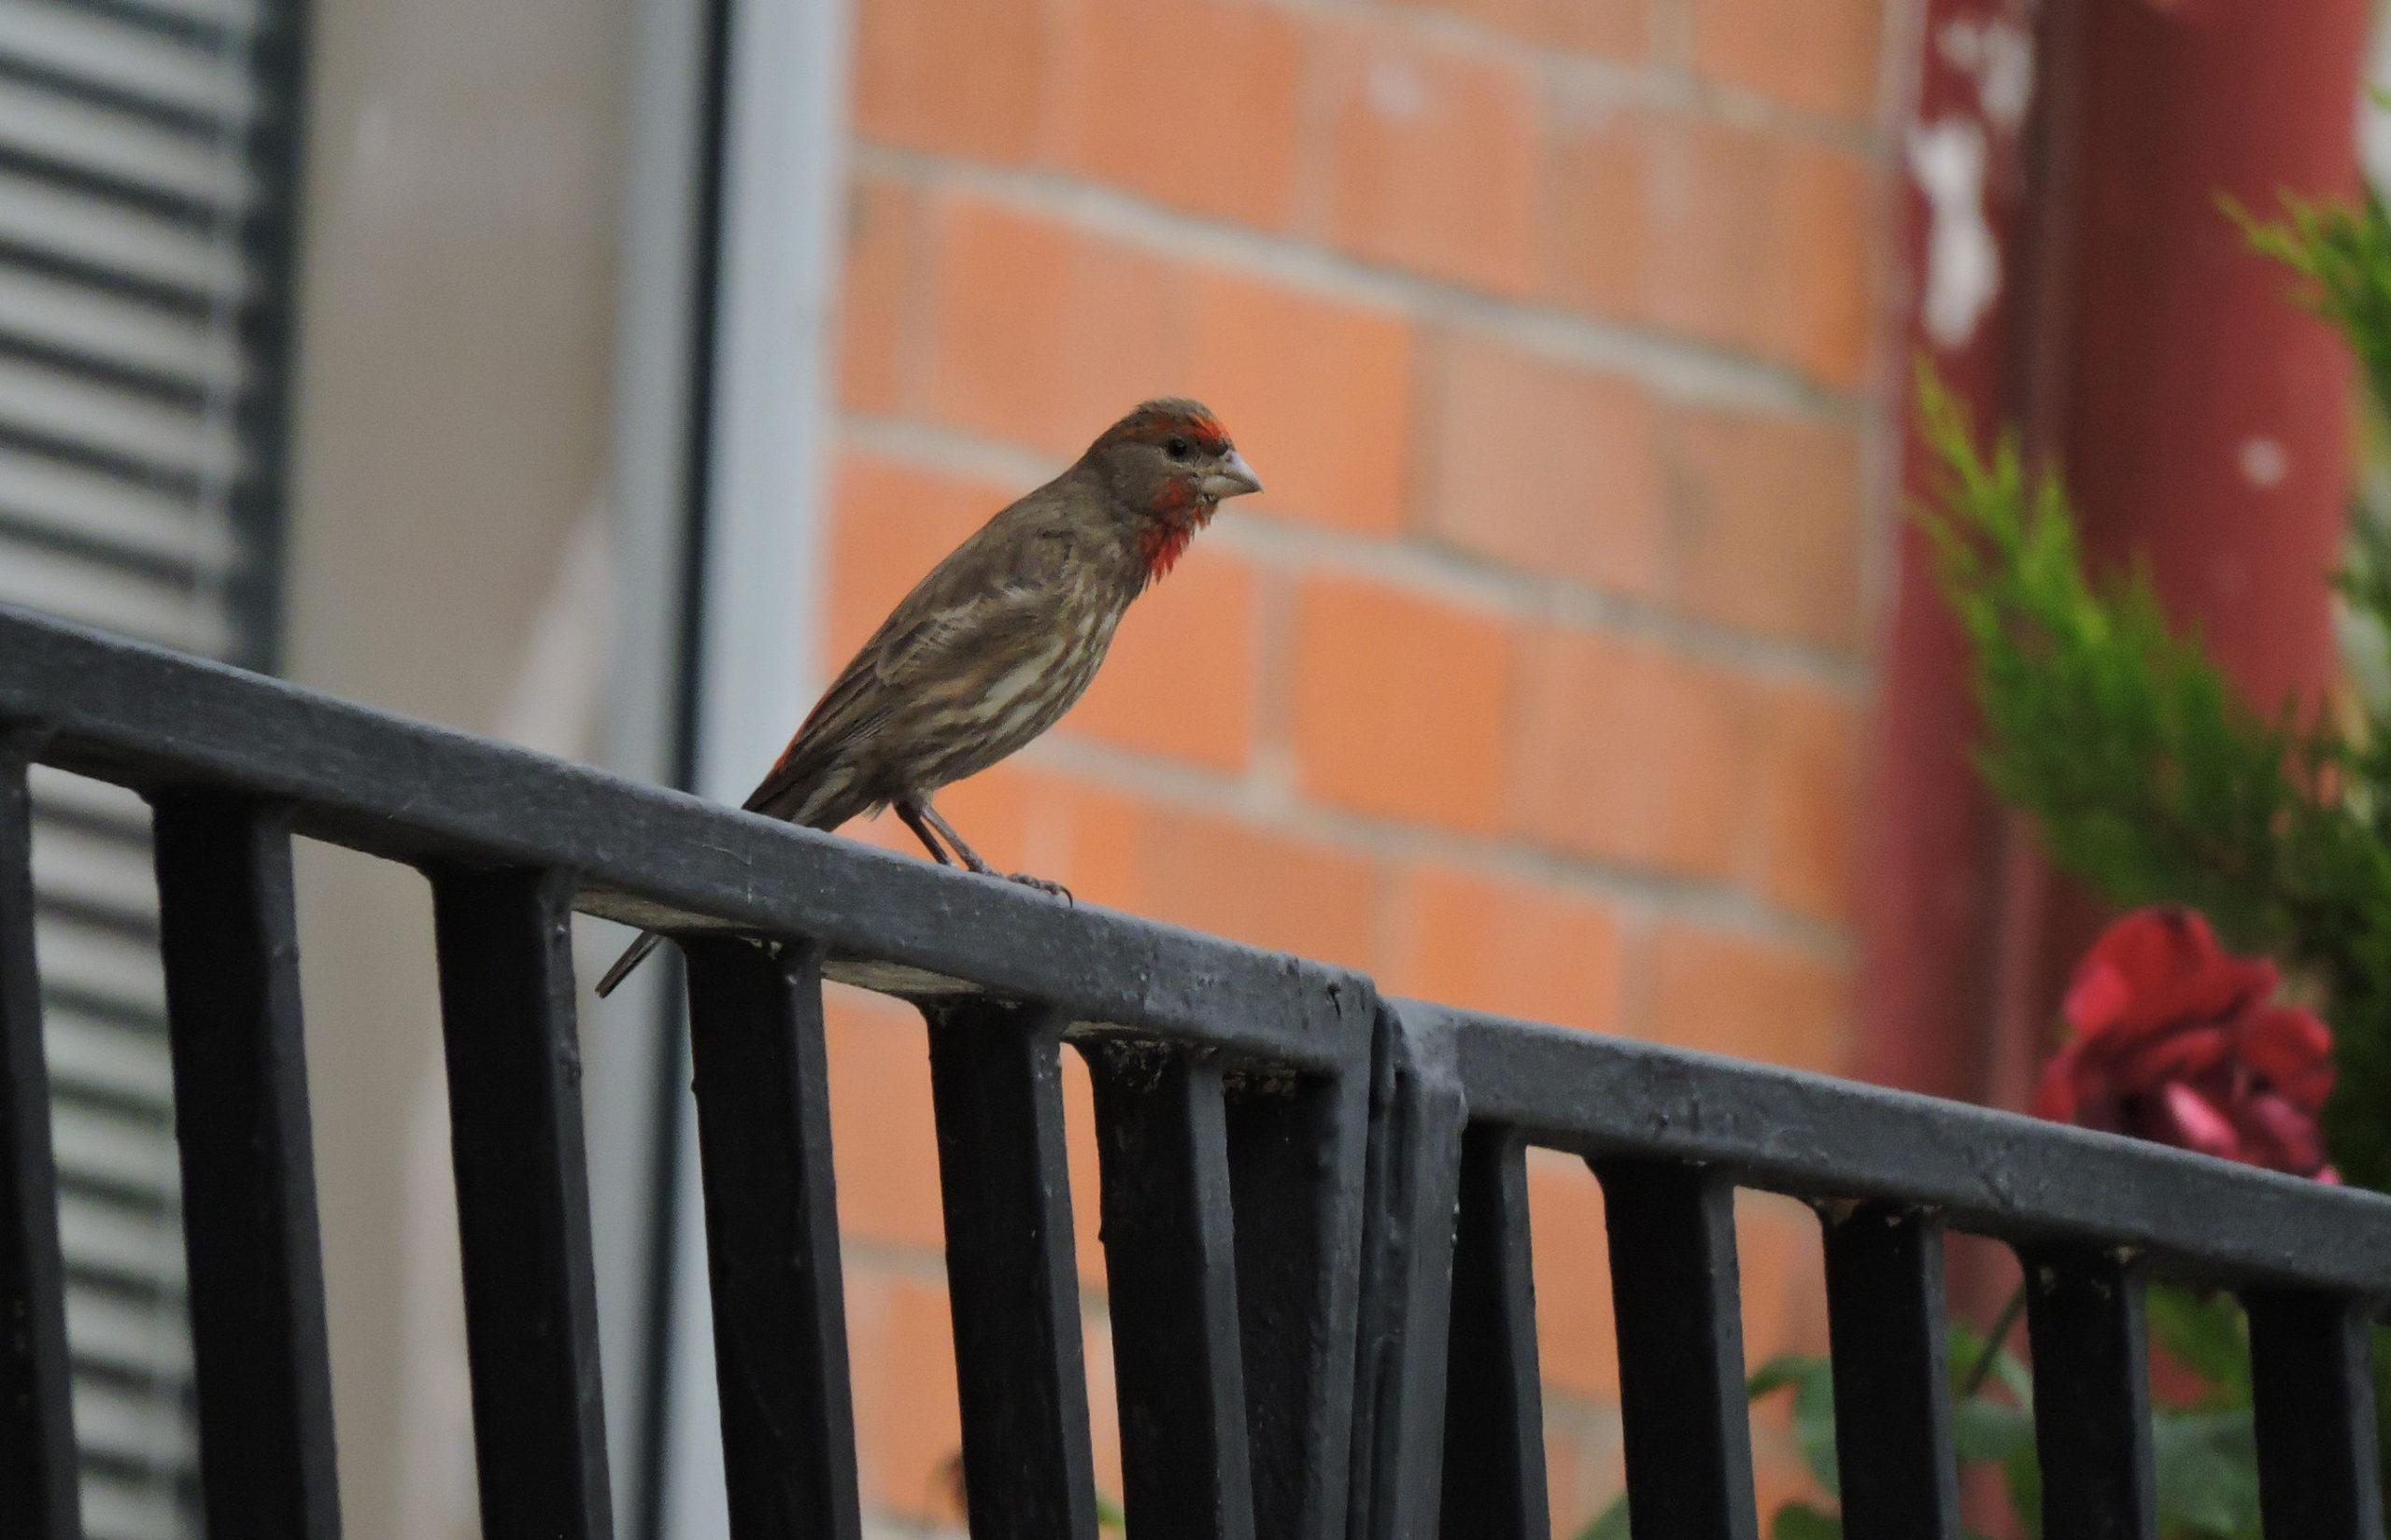 ¿Ya escuchaste el canto de las aves en estos días de confinamiento?